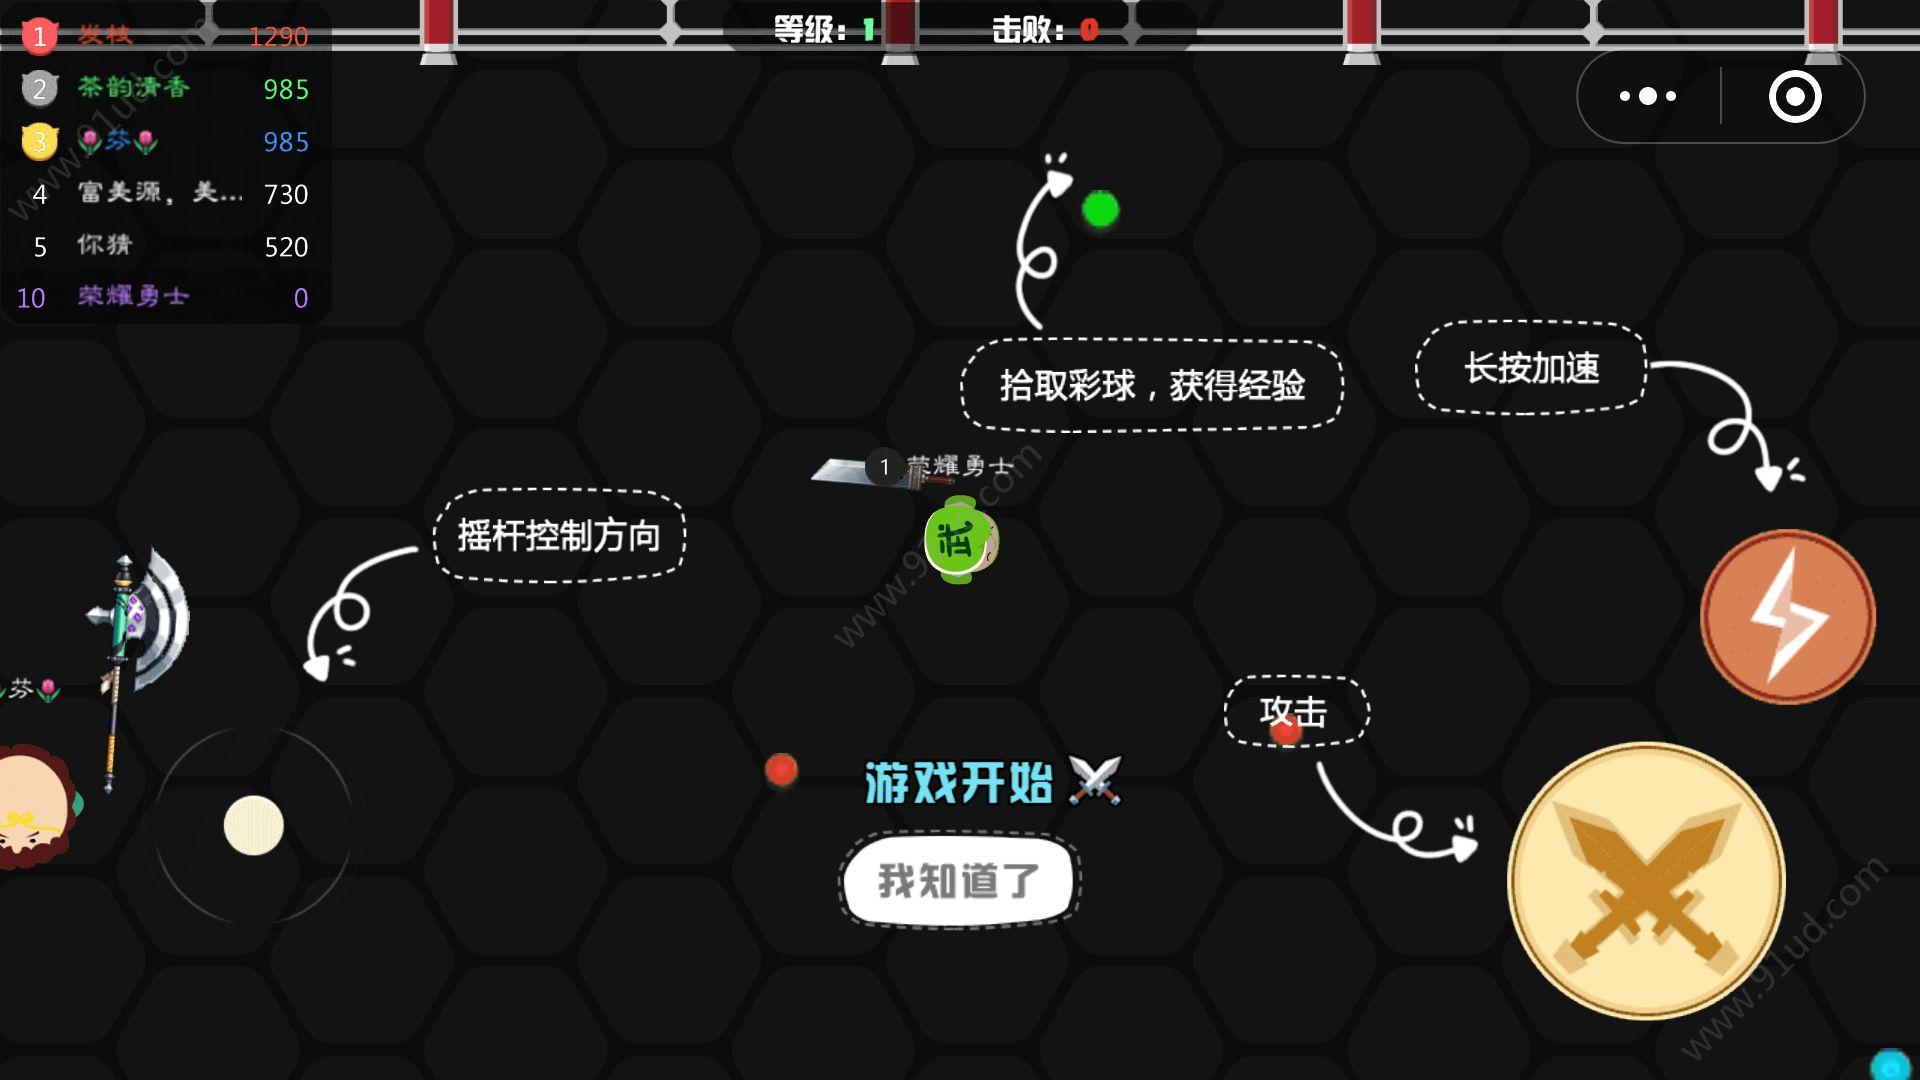 《刀剑大作战》微信小游戏,让我们一起怼、怼、怼[多图]图片2